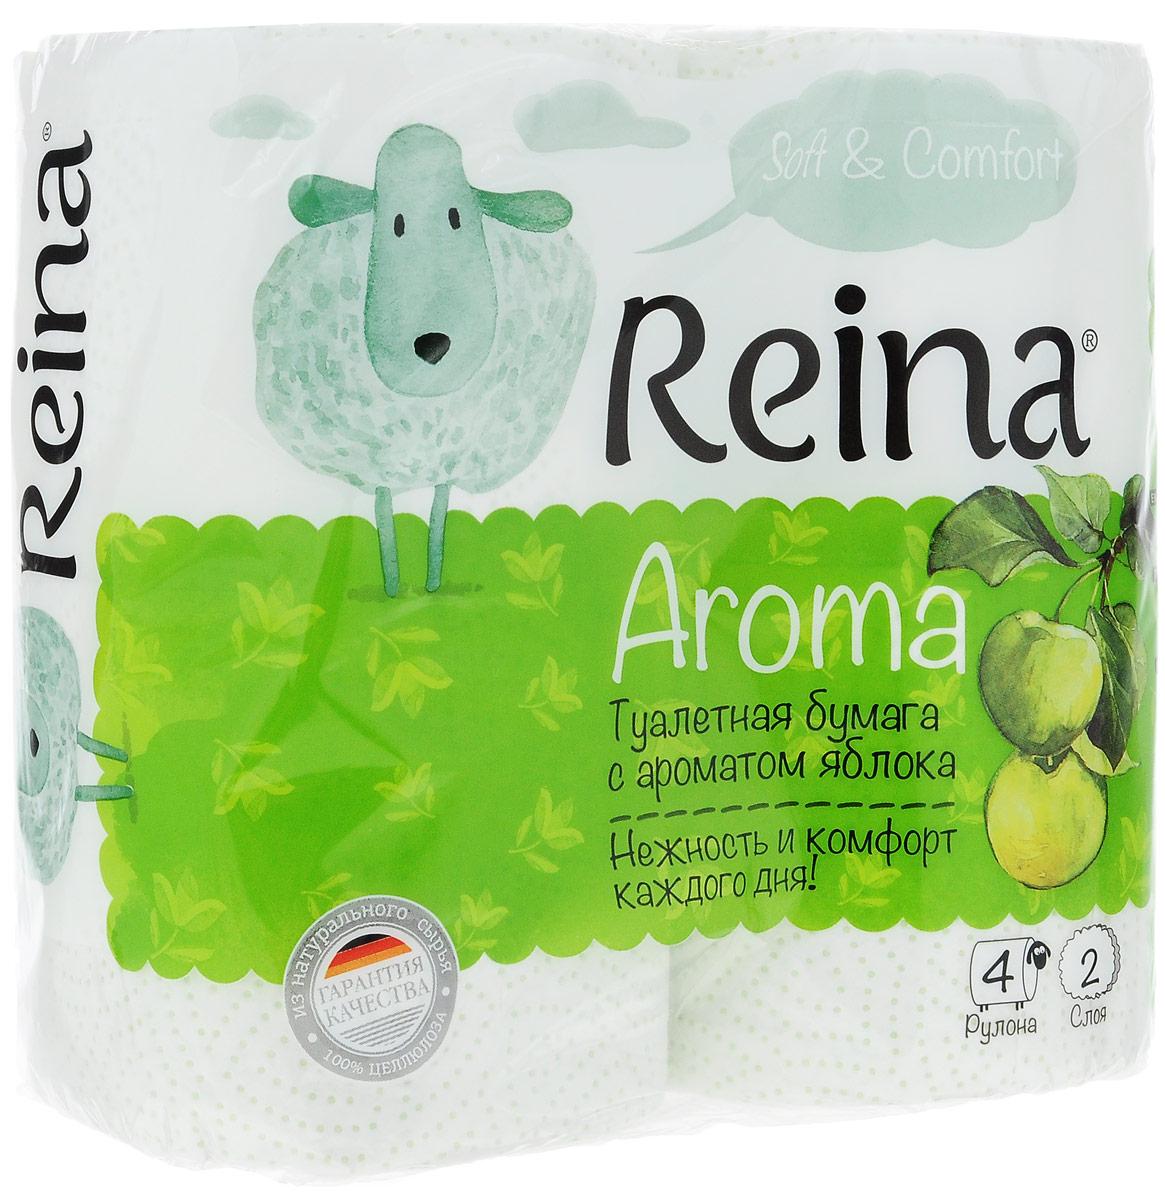 Бумага туалетная Reina Aroma. Яблоко, ароматизированная, двухслойная, 4 рулона010-01199-23Ароматизированная туалетная бумагаReina Aroma. Яблоко выполнена из натуральной целлюлозы и обладает приятным ароматом яблока. Двухслойная туалетная бумага мягкая, нежная, но в тоже время прочная. Листы имеют рисунок с перфорацией. Длина рулона: 18 м.Количество листов: 156 шт.Количество слоев: 2.Размер листа: 11,5 х 9,4 см.Состав: 100% целлюлоза.